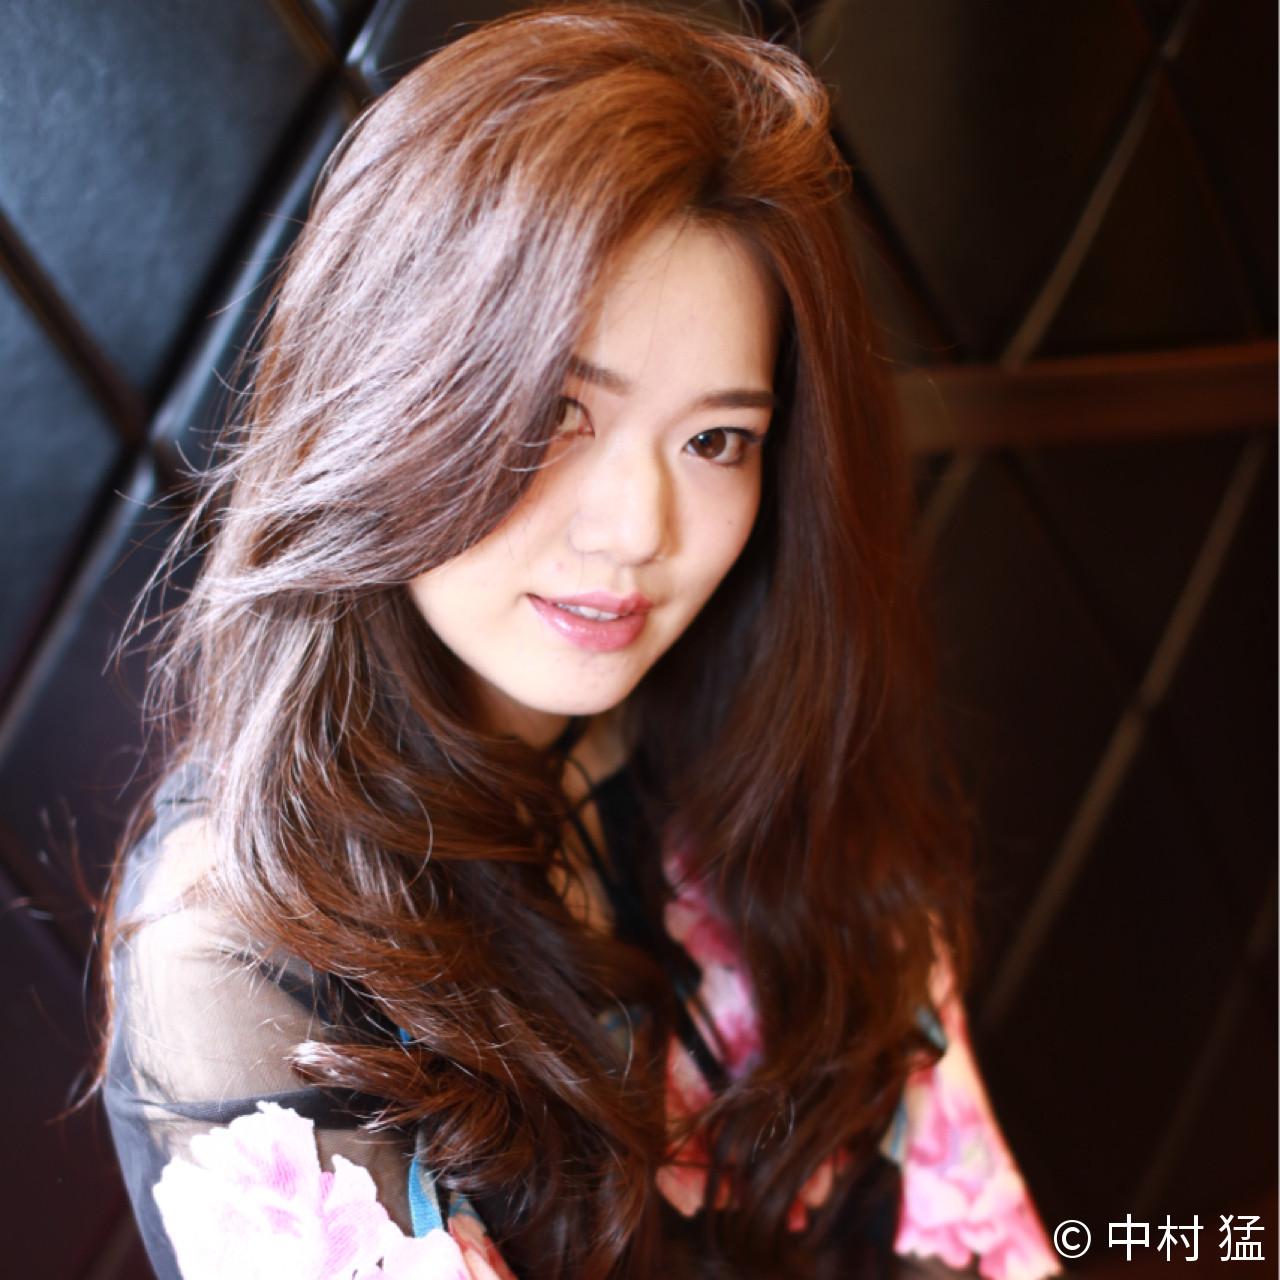 ロング 巻き髪 ピンク ナチュラル ヘアスタイルや髪型の写真・画像